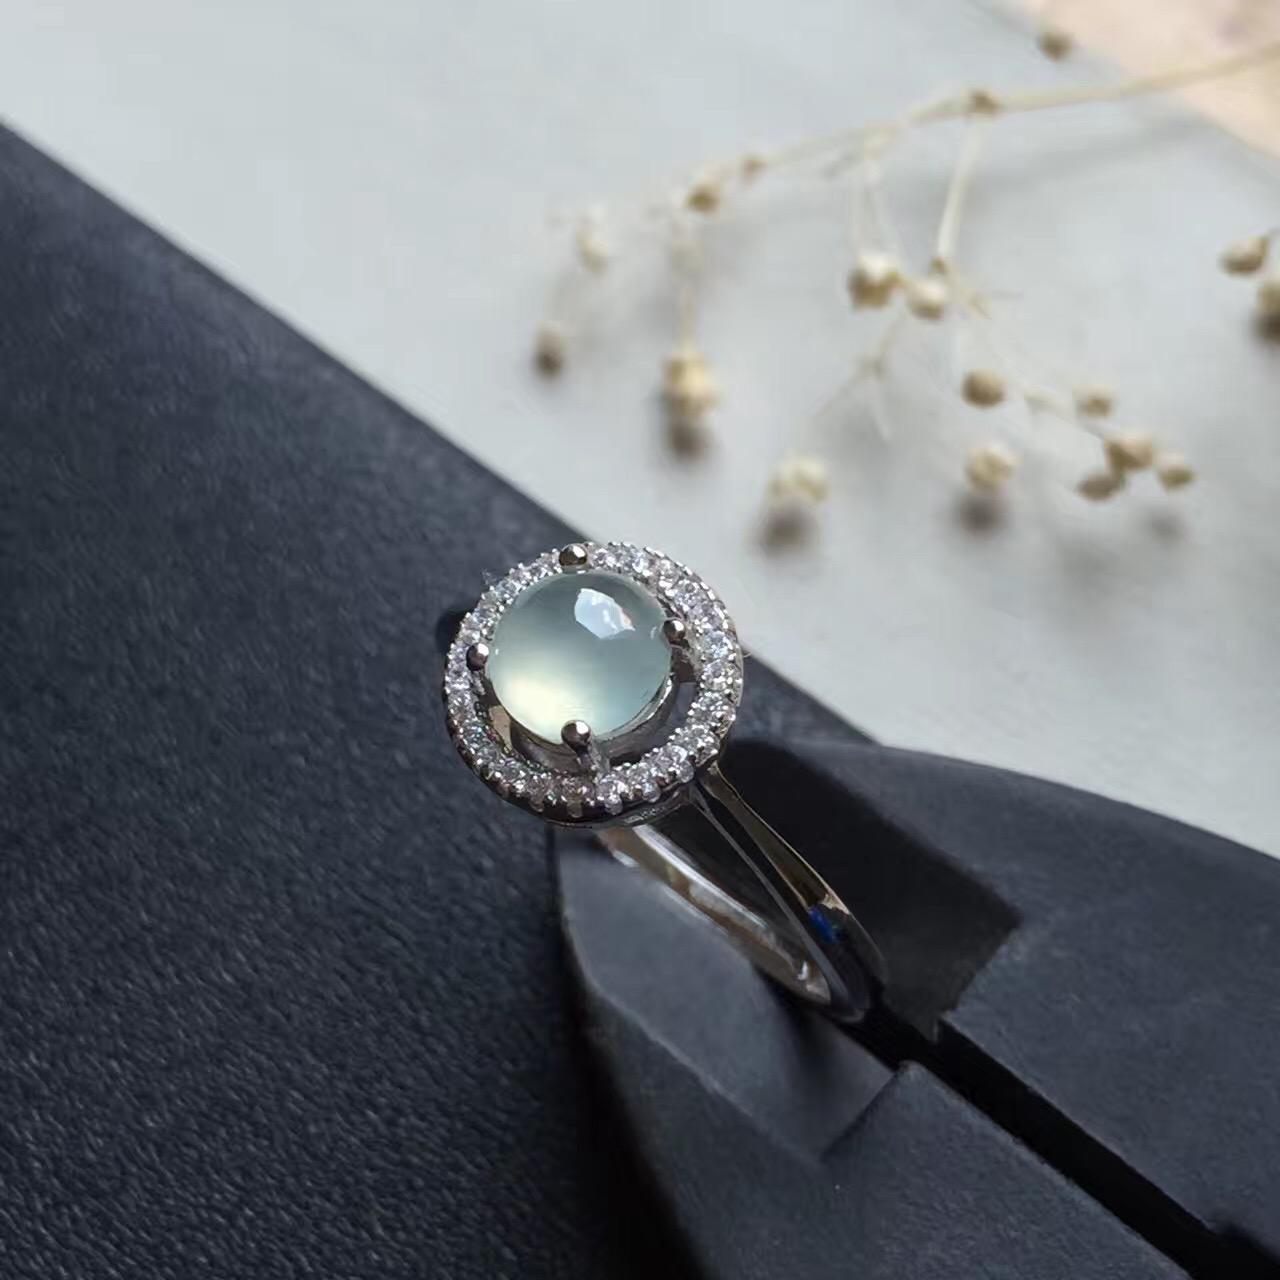 昌荣珠宝 翡翠戒指指环女银镶嵌礼物冰种A货蛋面天然玉石925